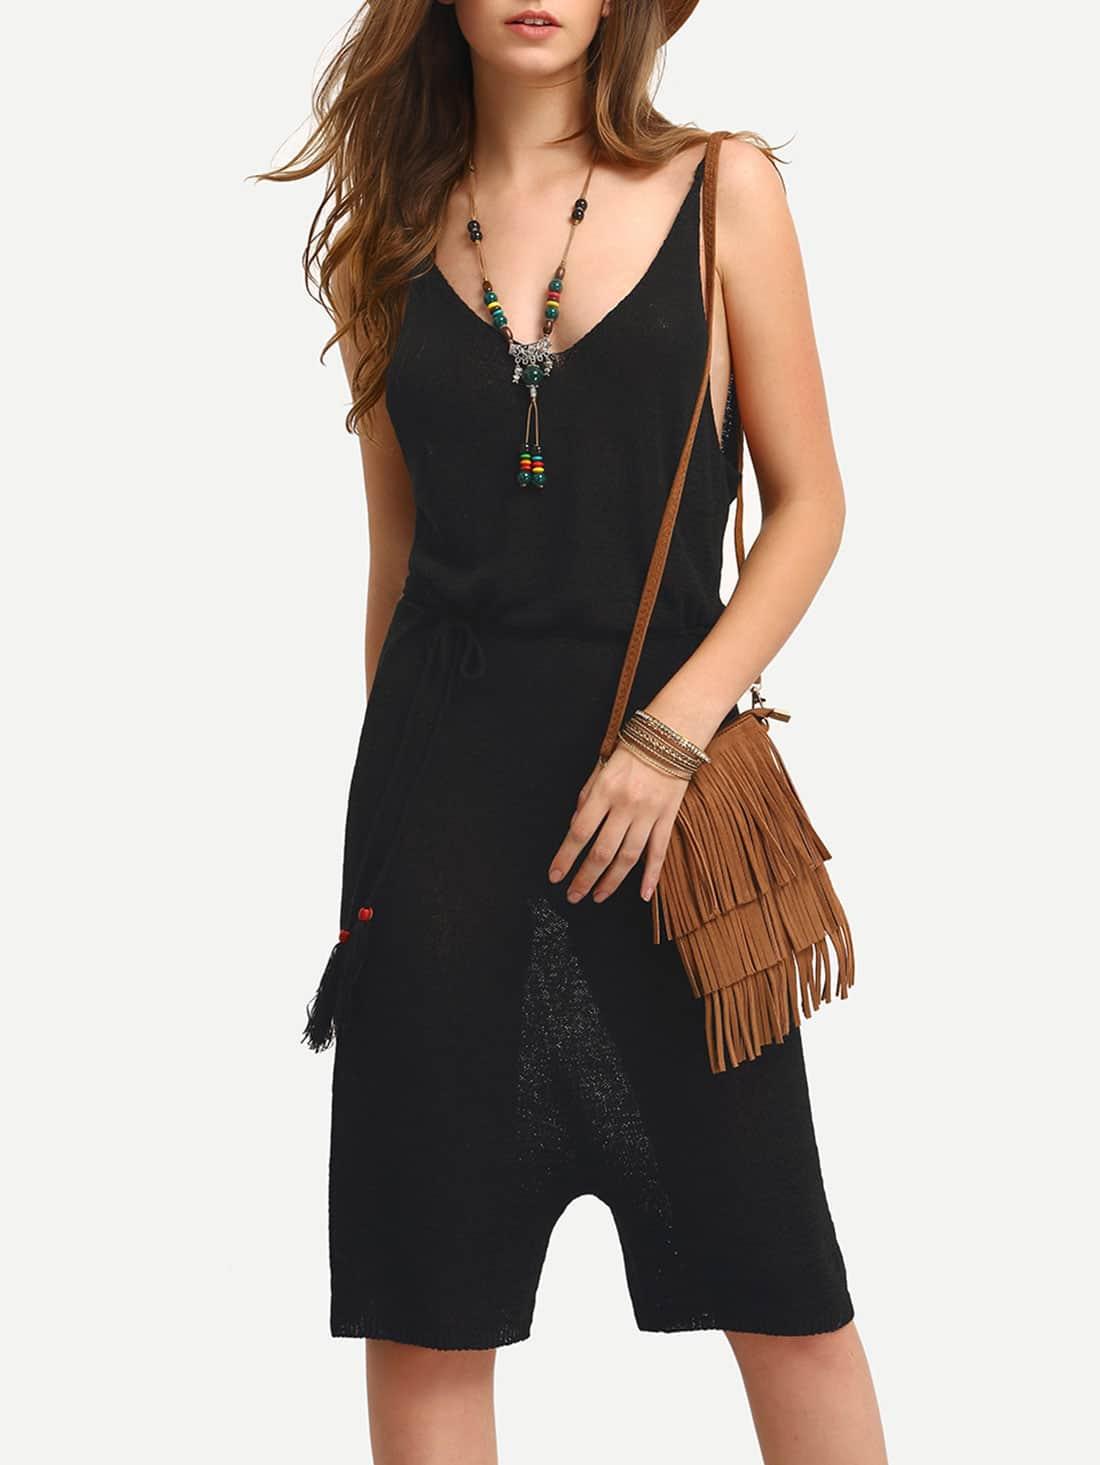 Black Spaghetti Strap V Back Jumpsuit jumpsuit160420534